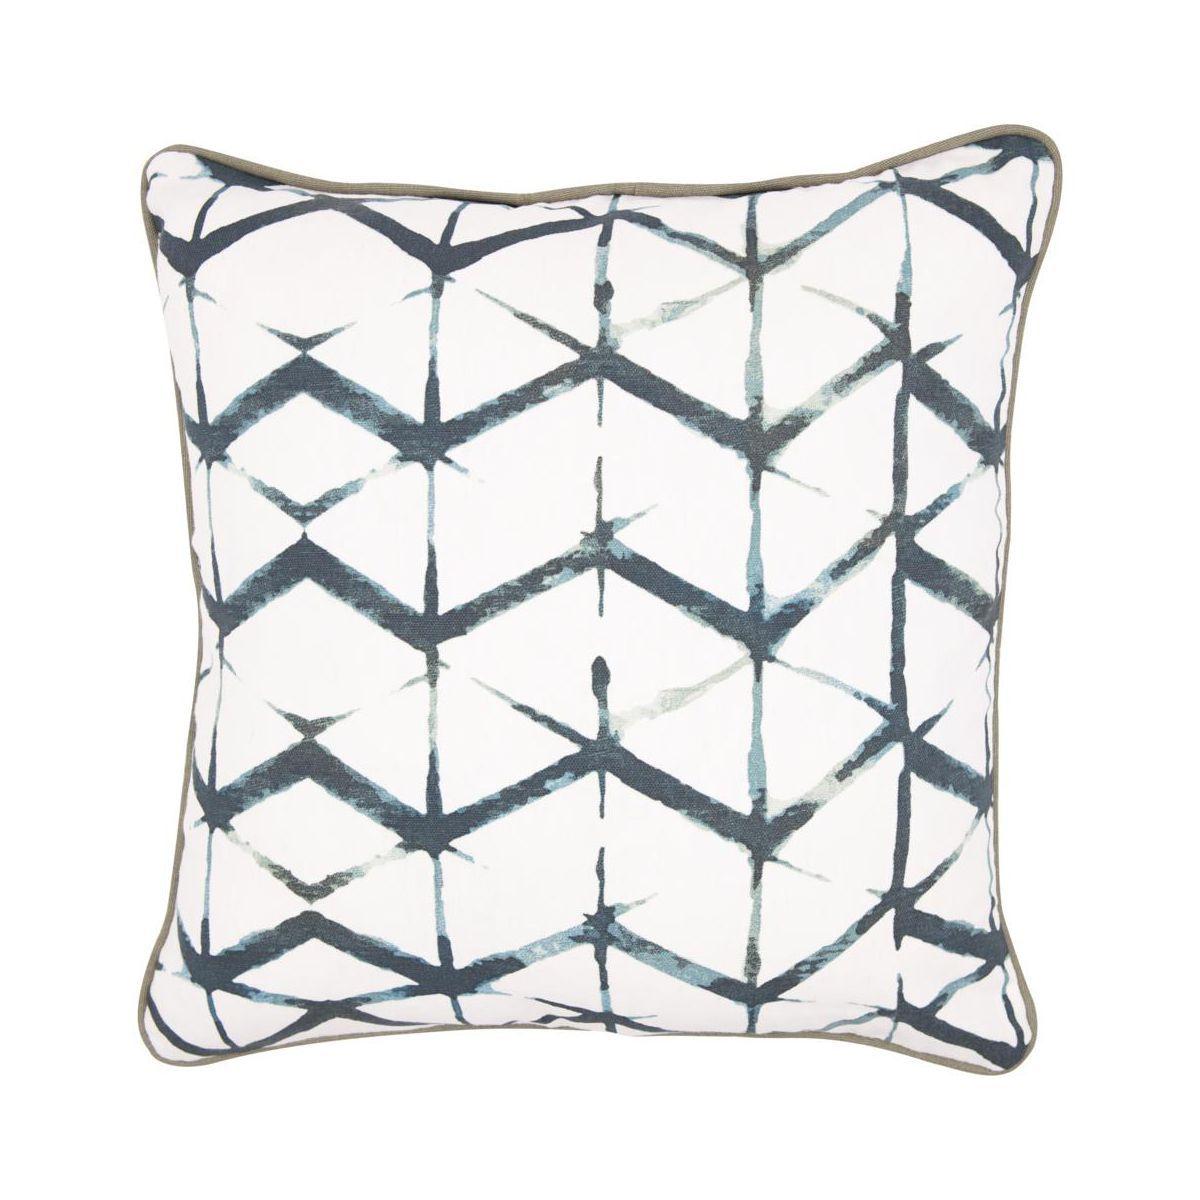 Poduszka Antoni Zielona 40 X 40 Cm Poduszki Dekoracyjne W Atrakcyjnej Cenie W Sklepach Leroy Merlin Throw Pillows Pillows Bed